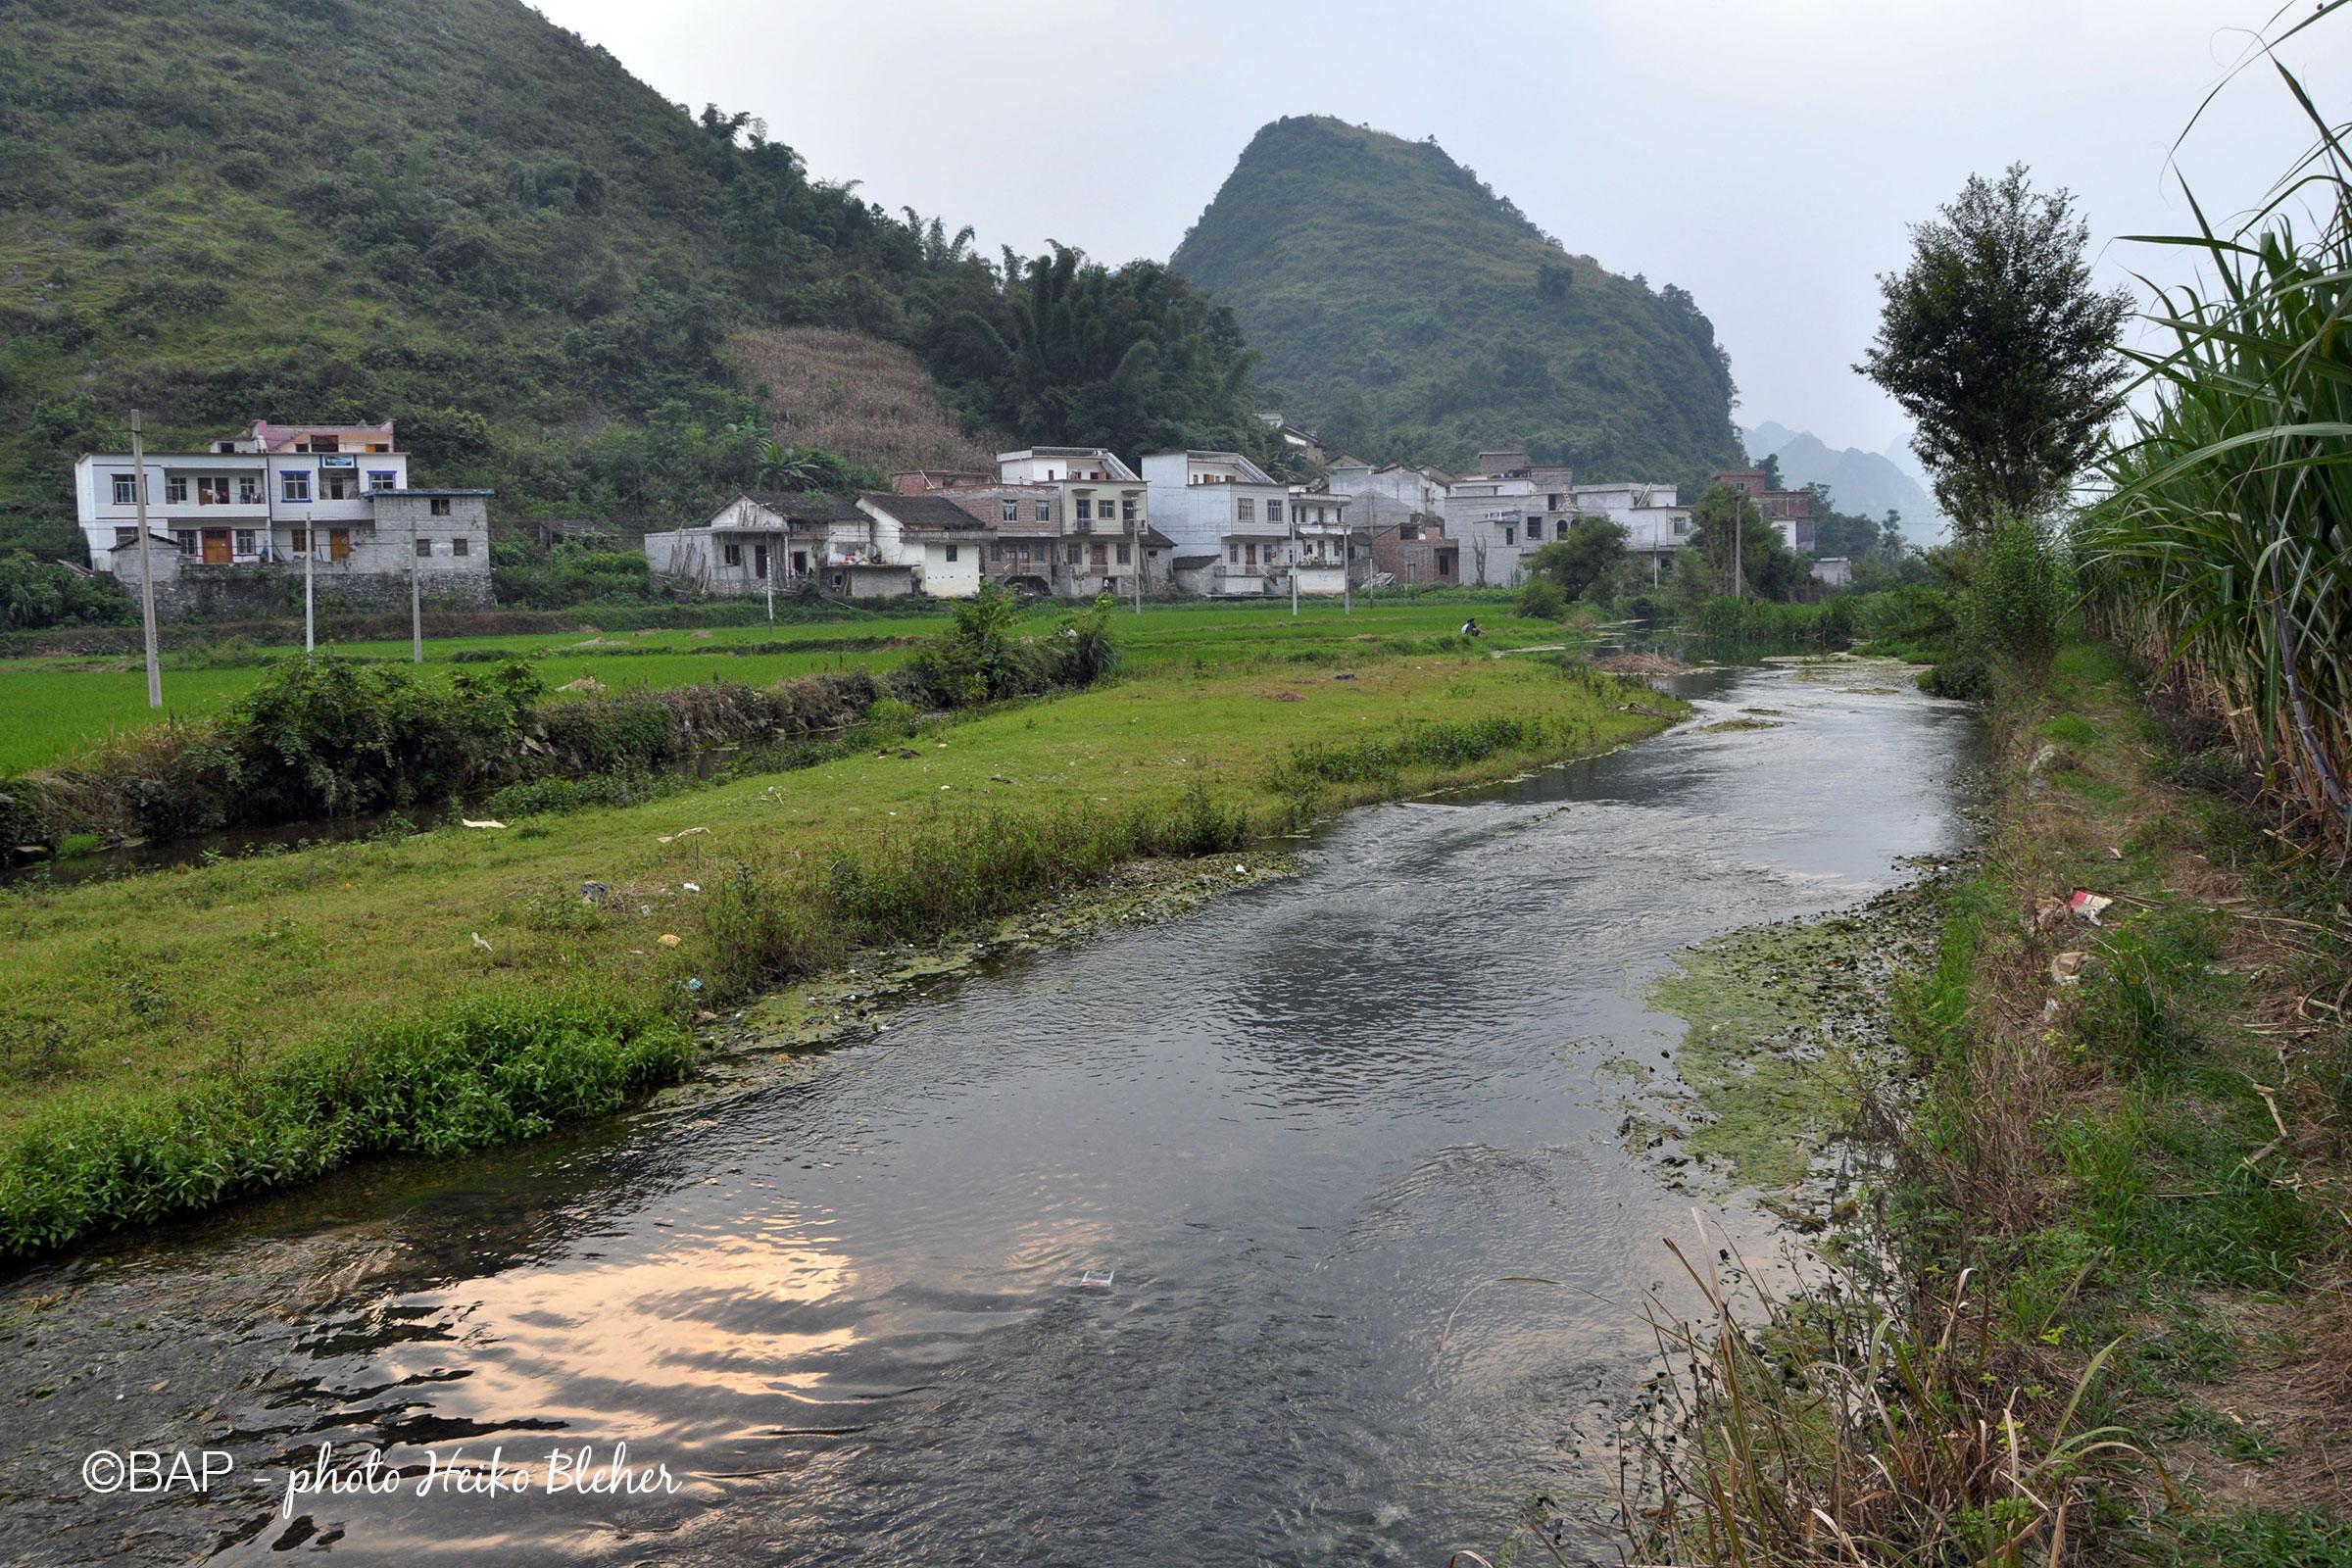 Jinchengjiang stream, Guangxi Province, China. Photo by Heiko Bleher